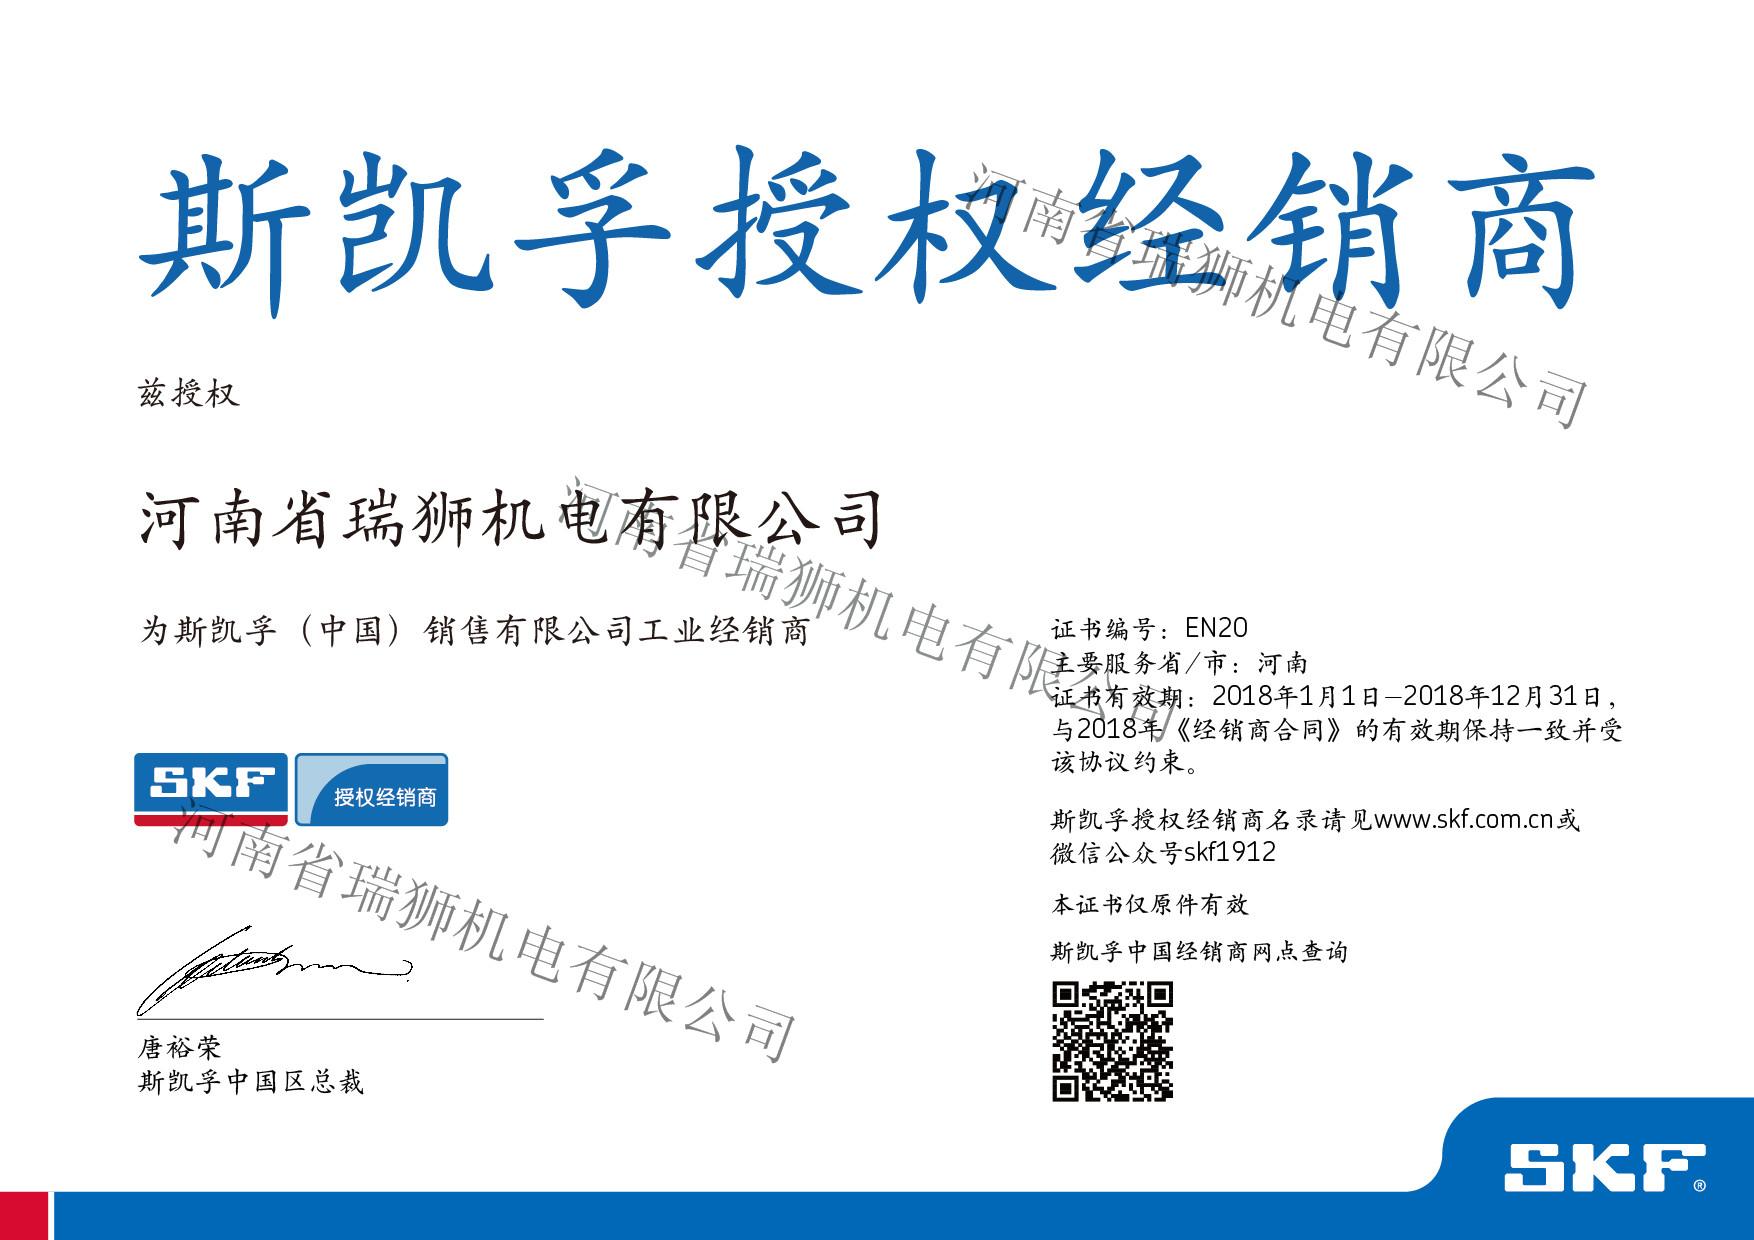 河南省瑞狮机电有限公司